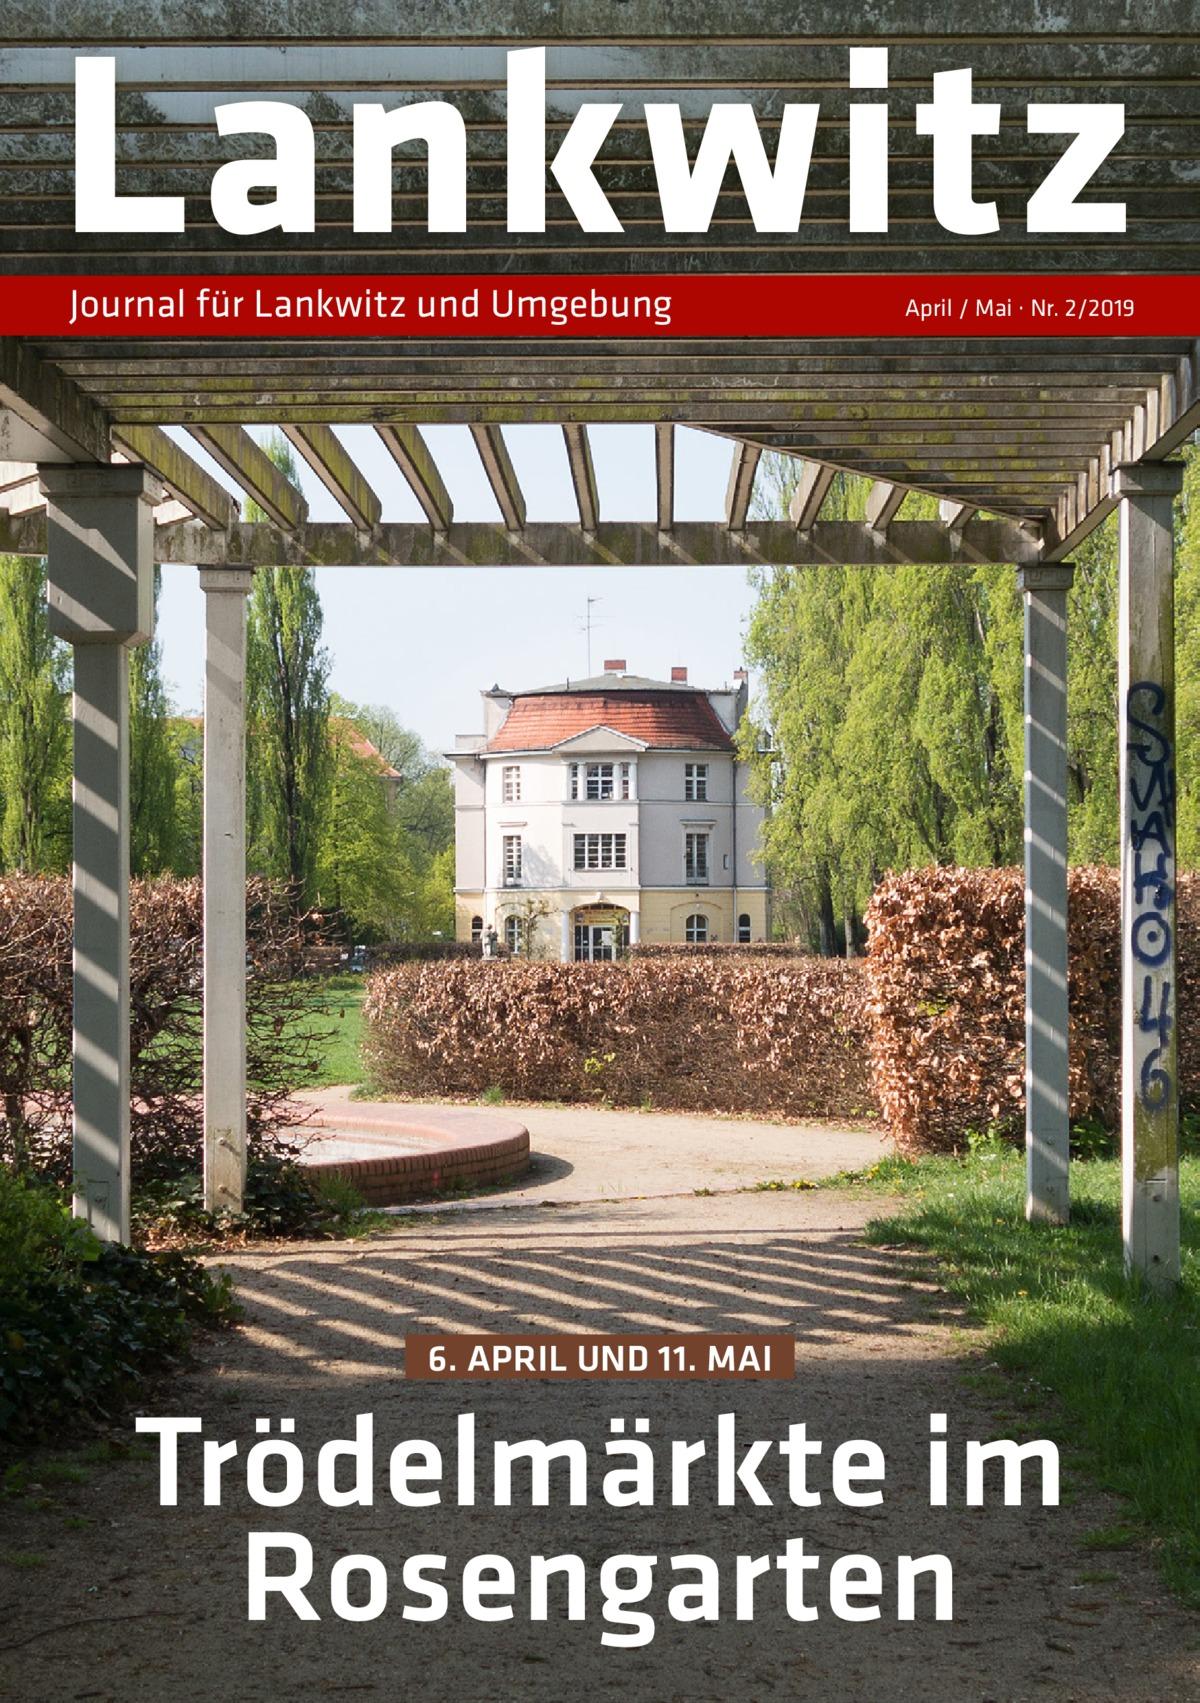 Lankwitz Journal für Lankwitz und Umgebung  April / Mai · Nr. 2/2019  6. APRIL UND 11. MAI  Trödelmärkte im Rosengarten